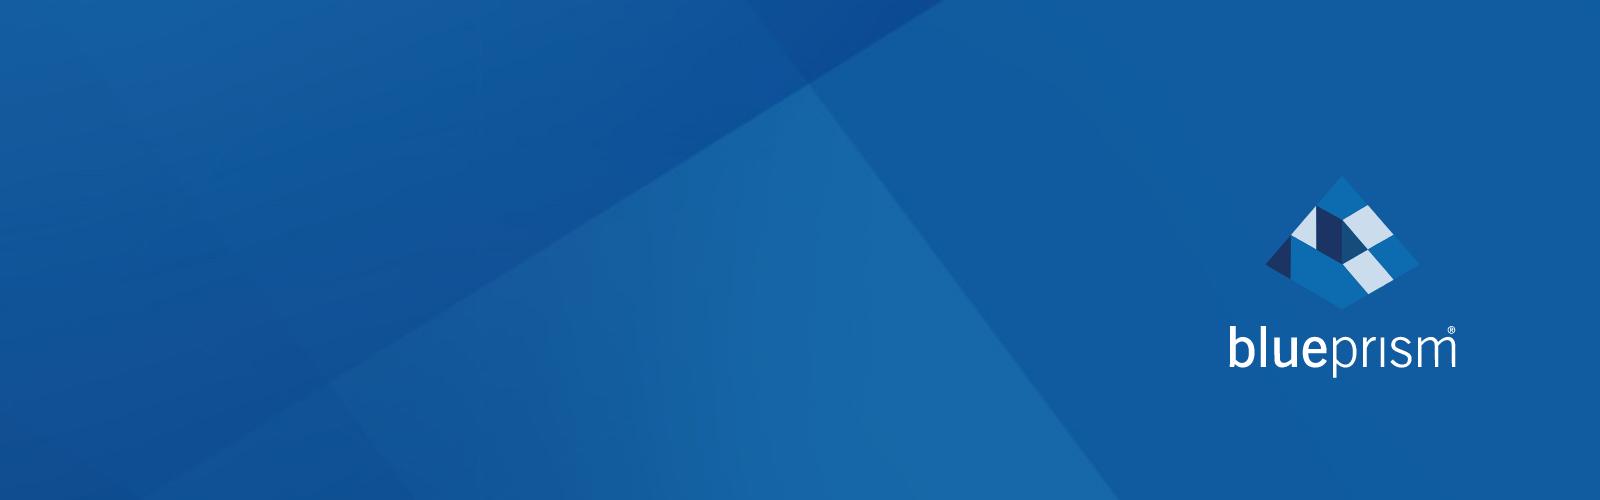 BluePrism_banner-1